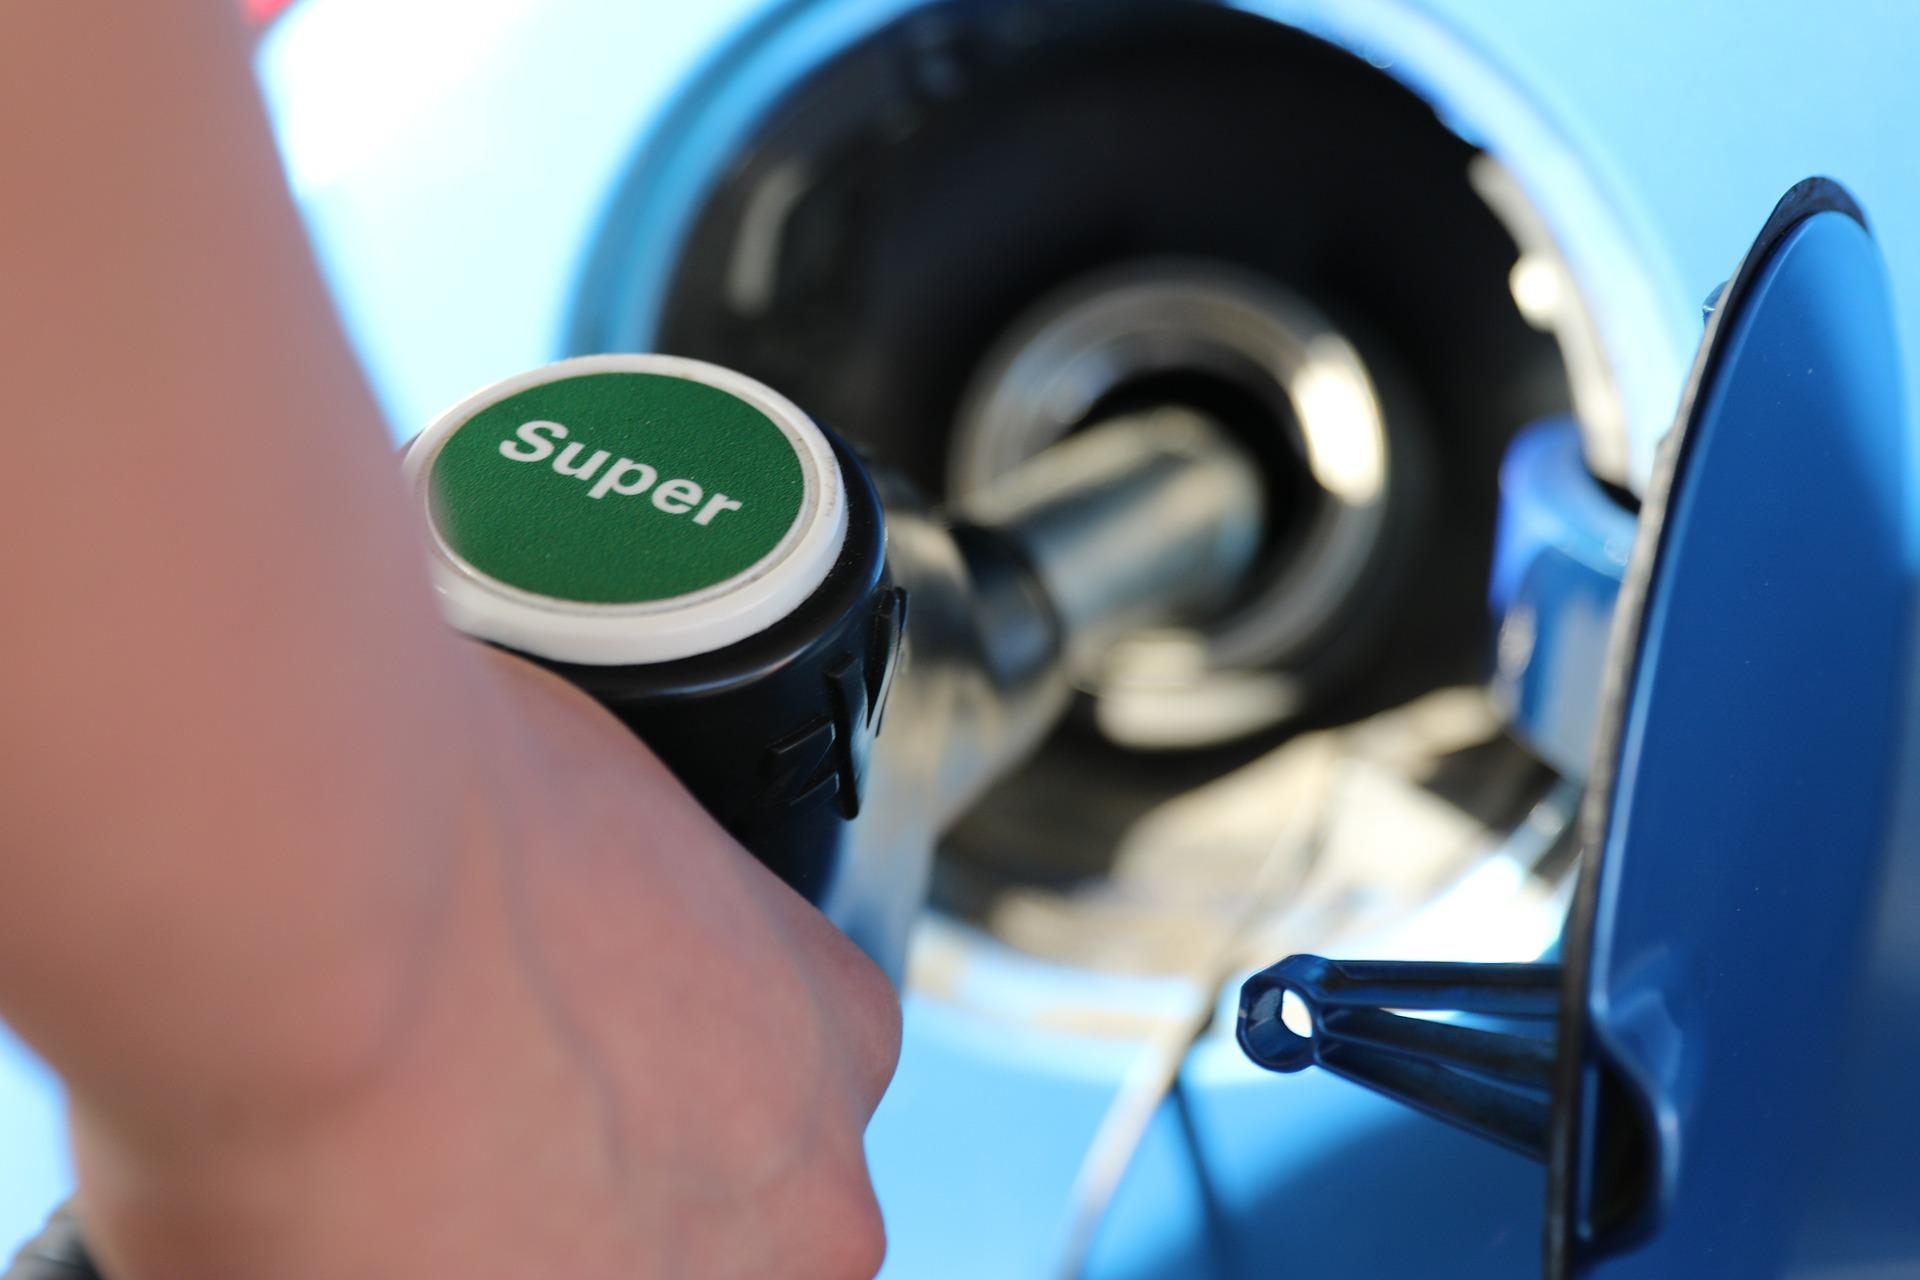 Unem, consumo carburanti a luglio a livelli pre-Covid